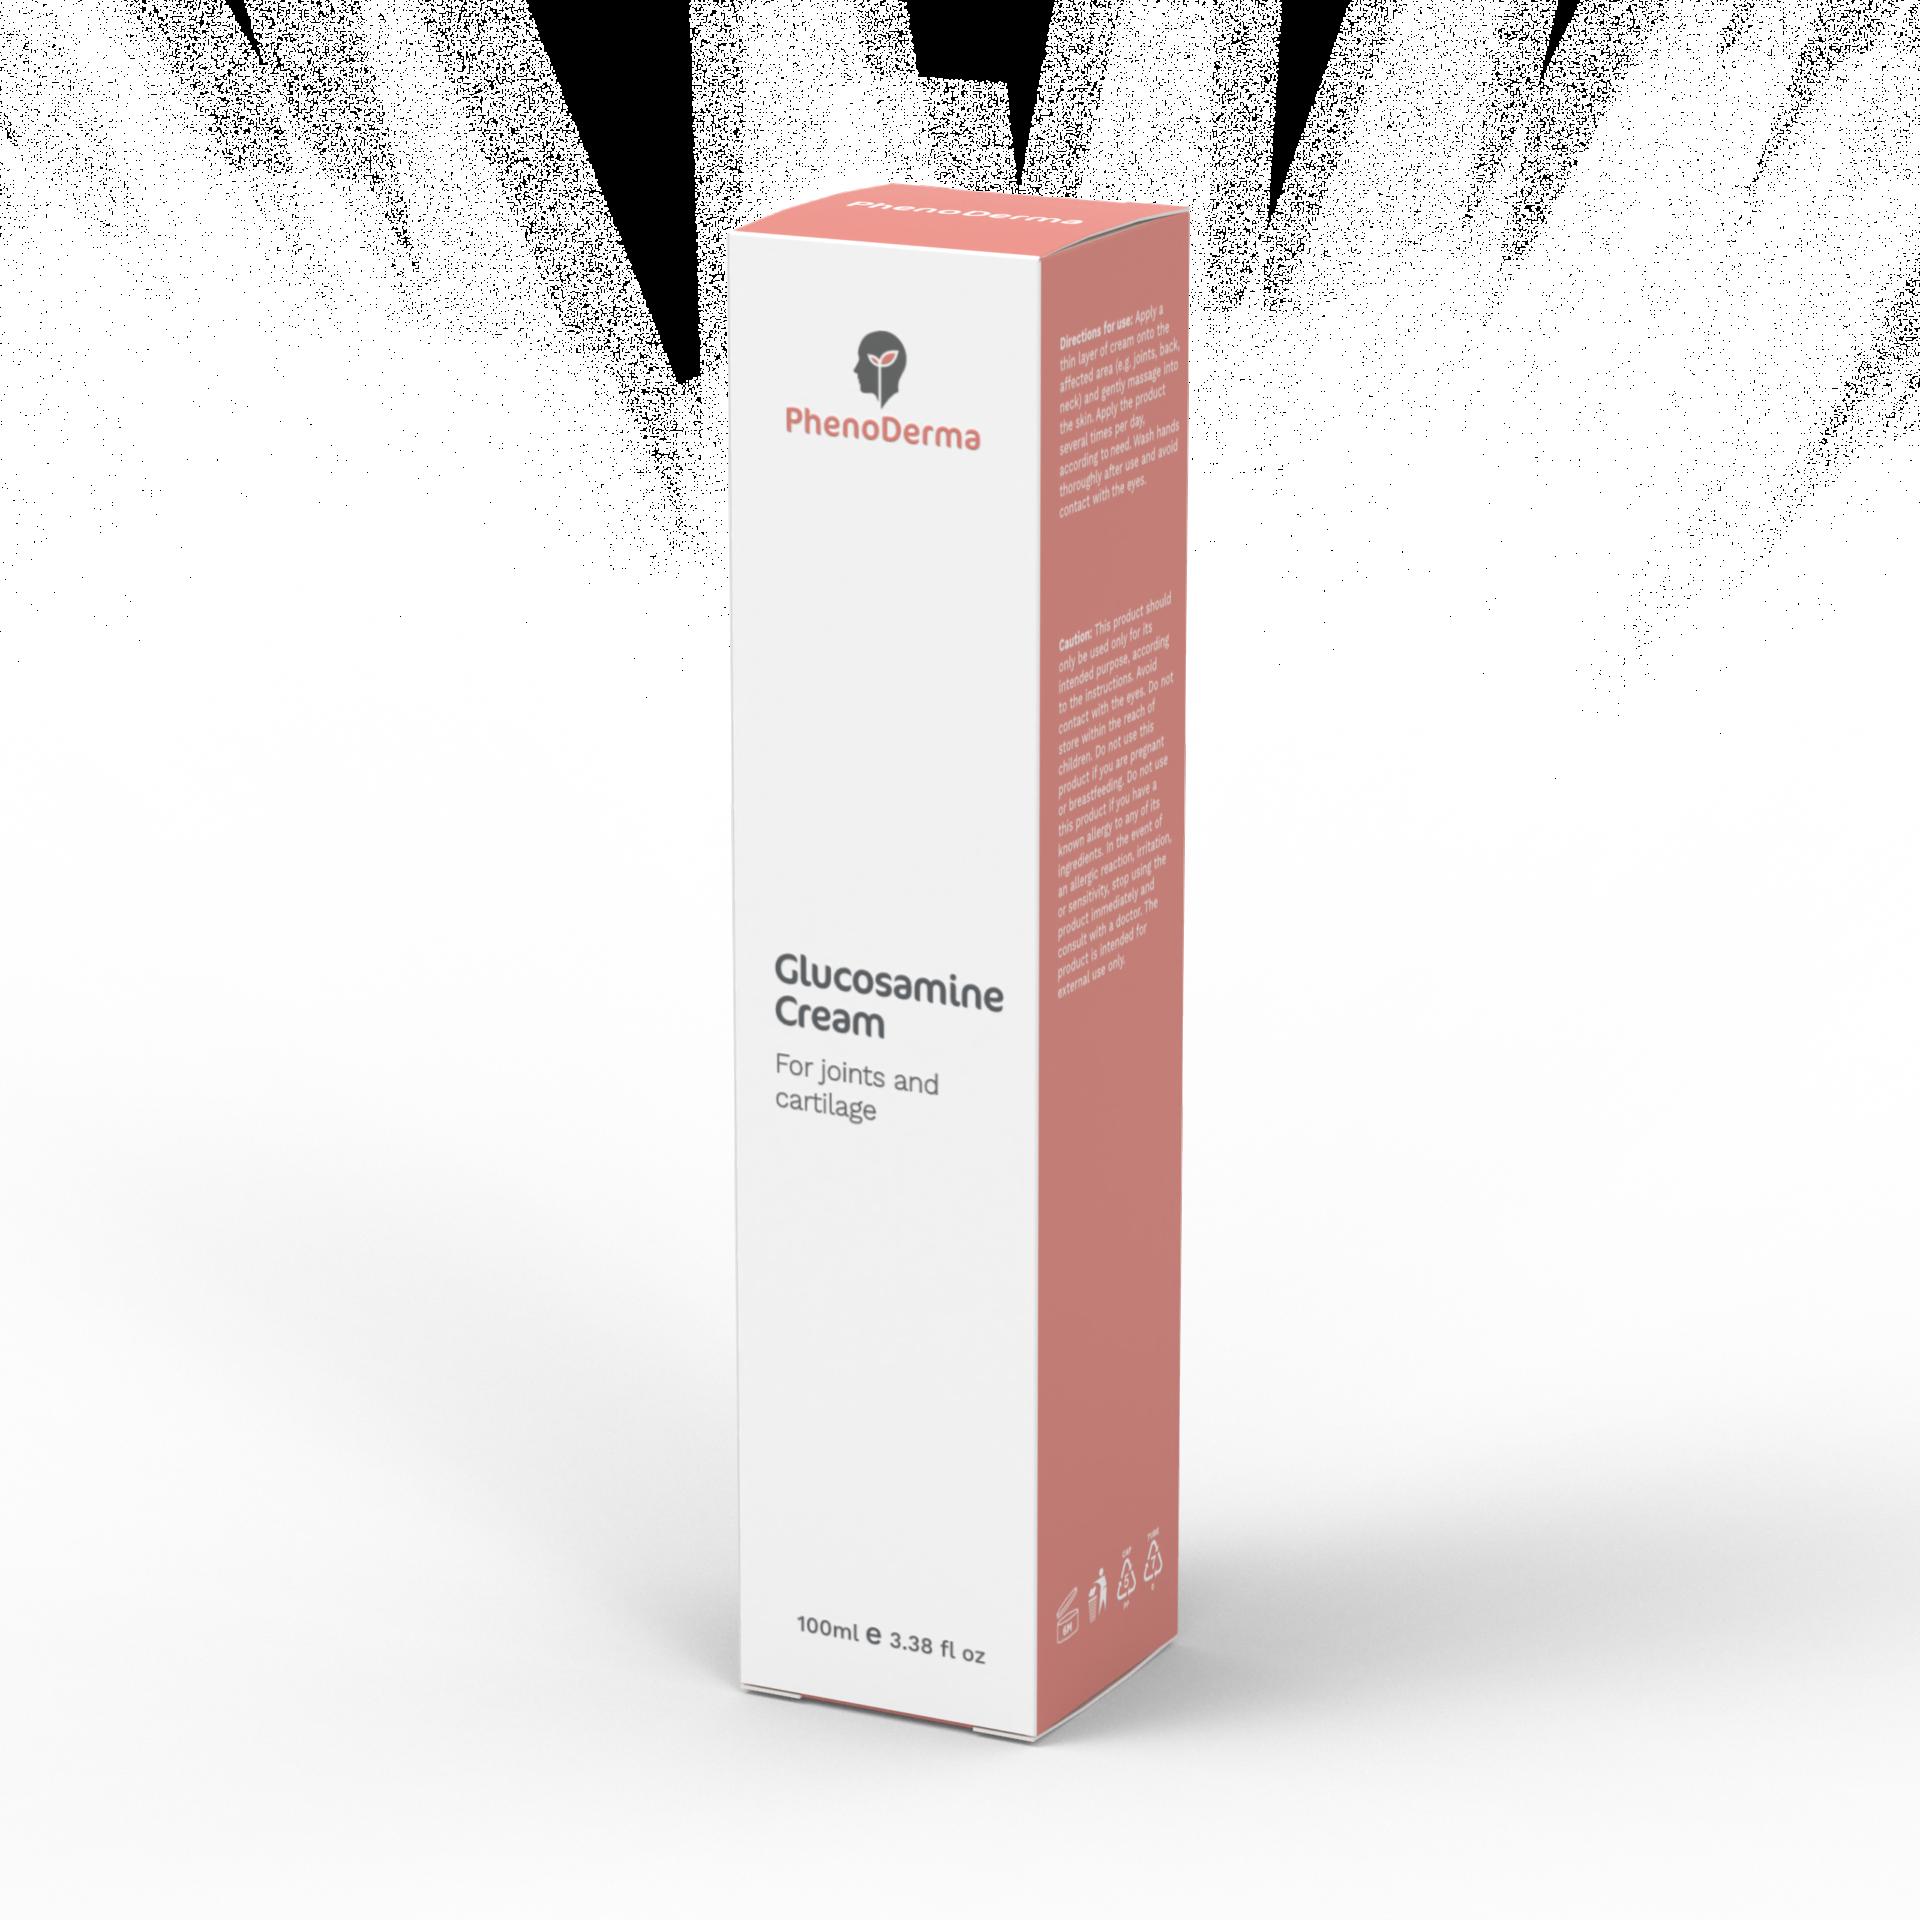 phenoderma-Glucosamine-Cream